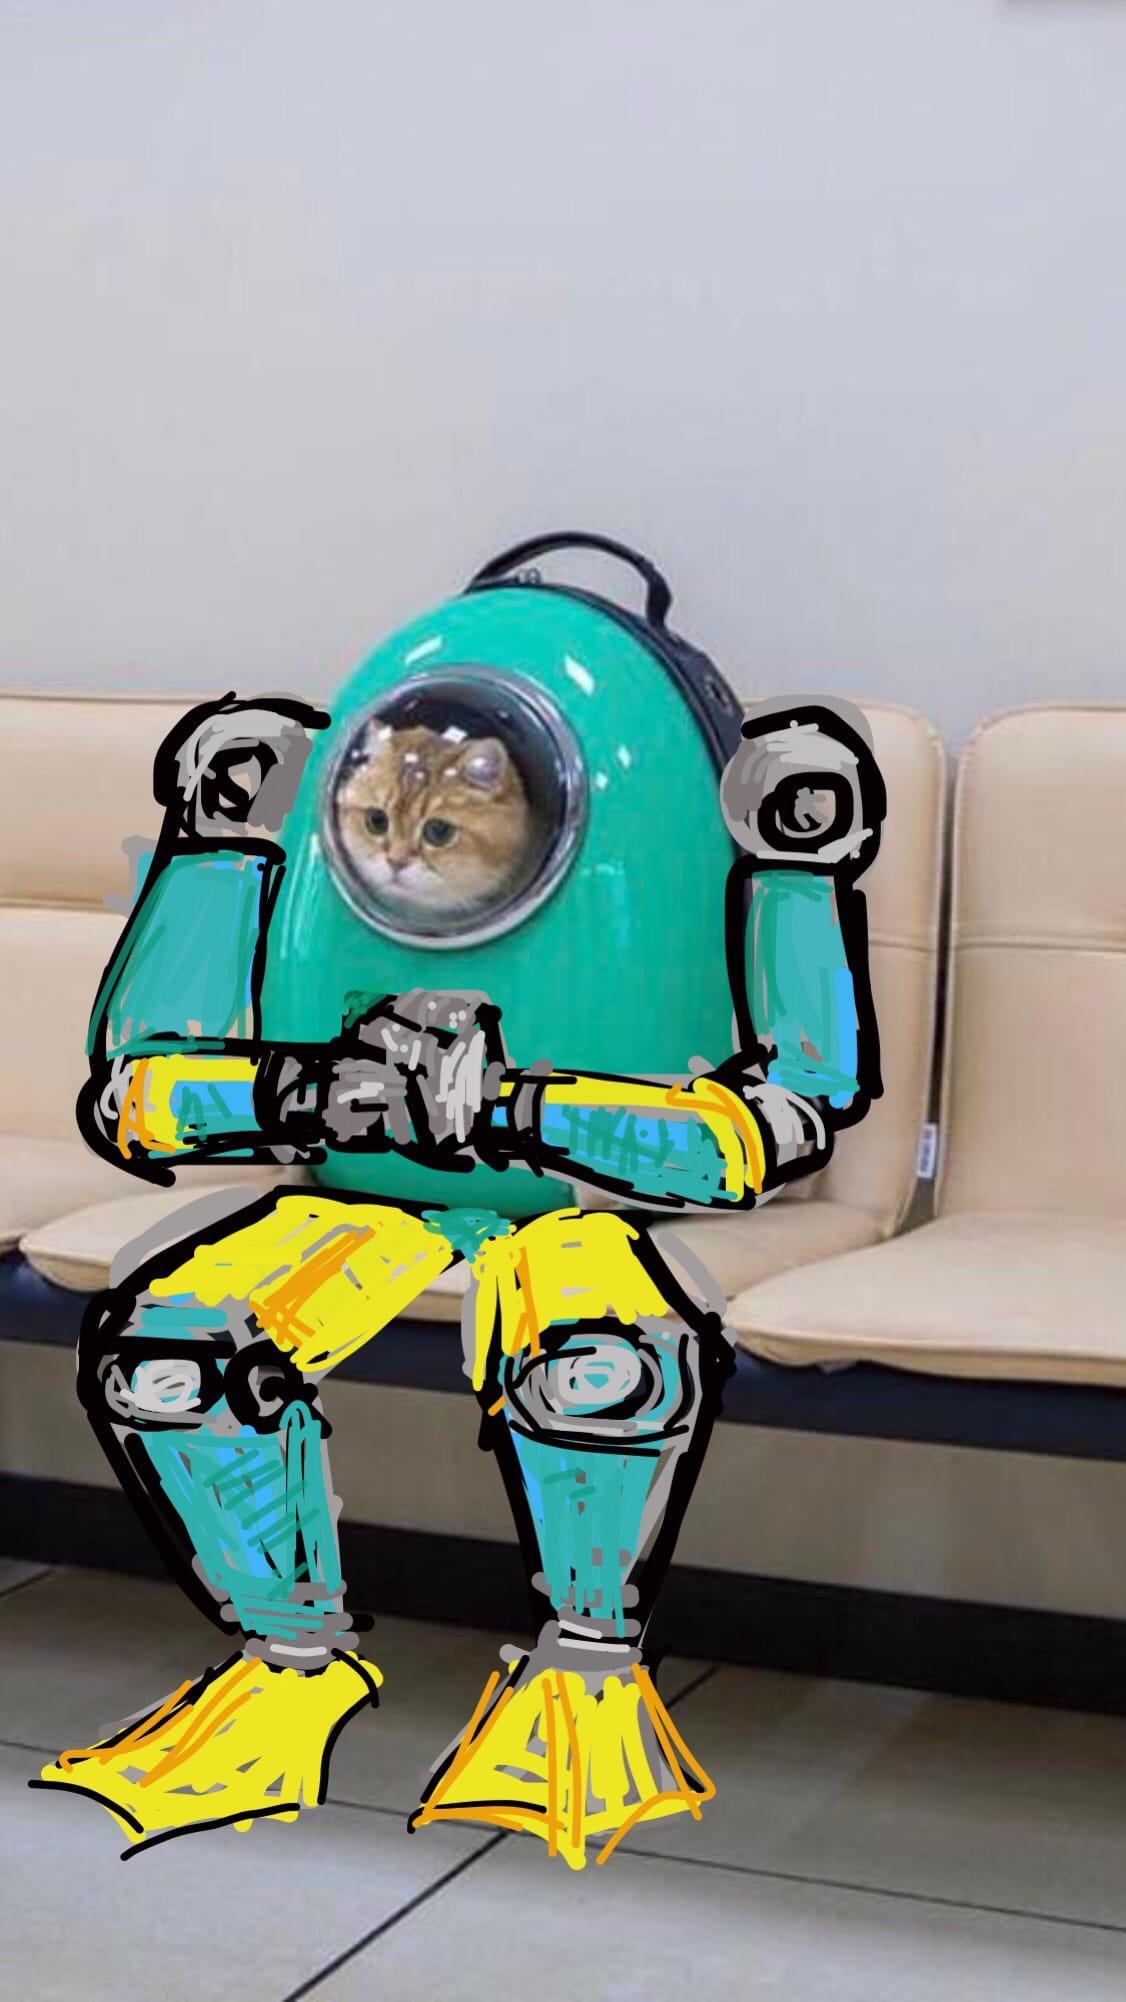 1566804955 056309f0b45556e9714bc1631789d686 - Кот из Москвы стал героем фантастических фотошоп-приключений. А всё благодаря его рюкзаку-переноске